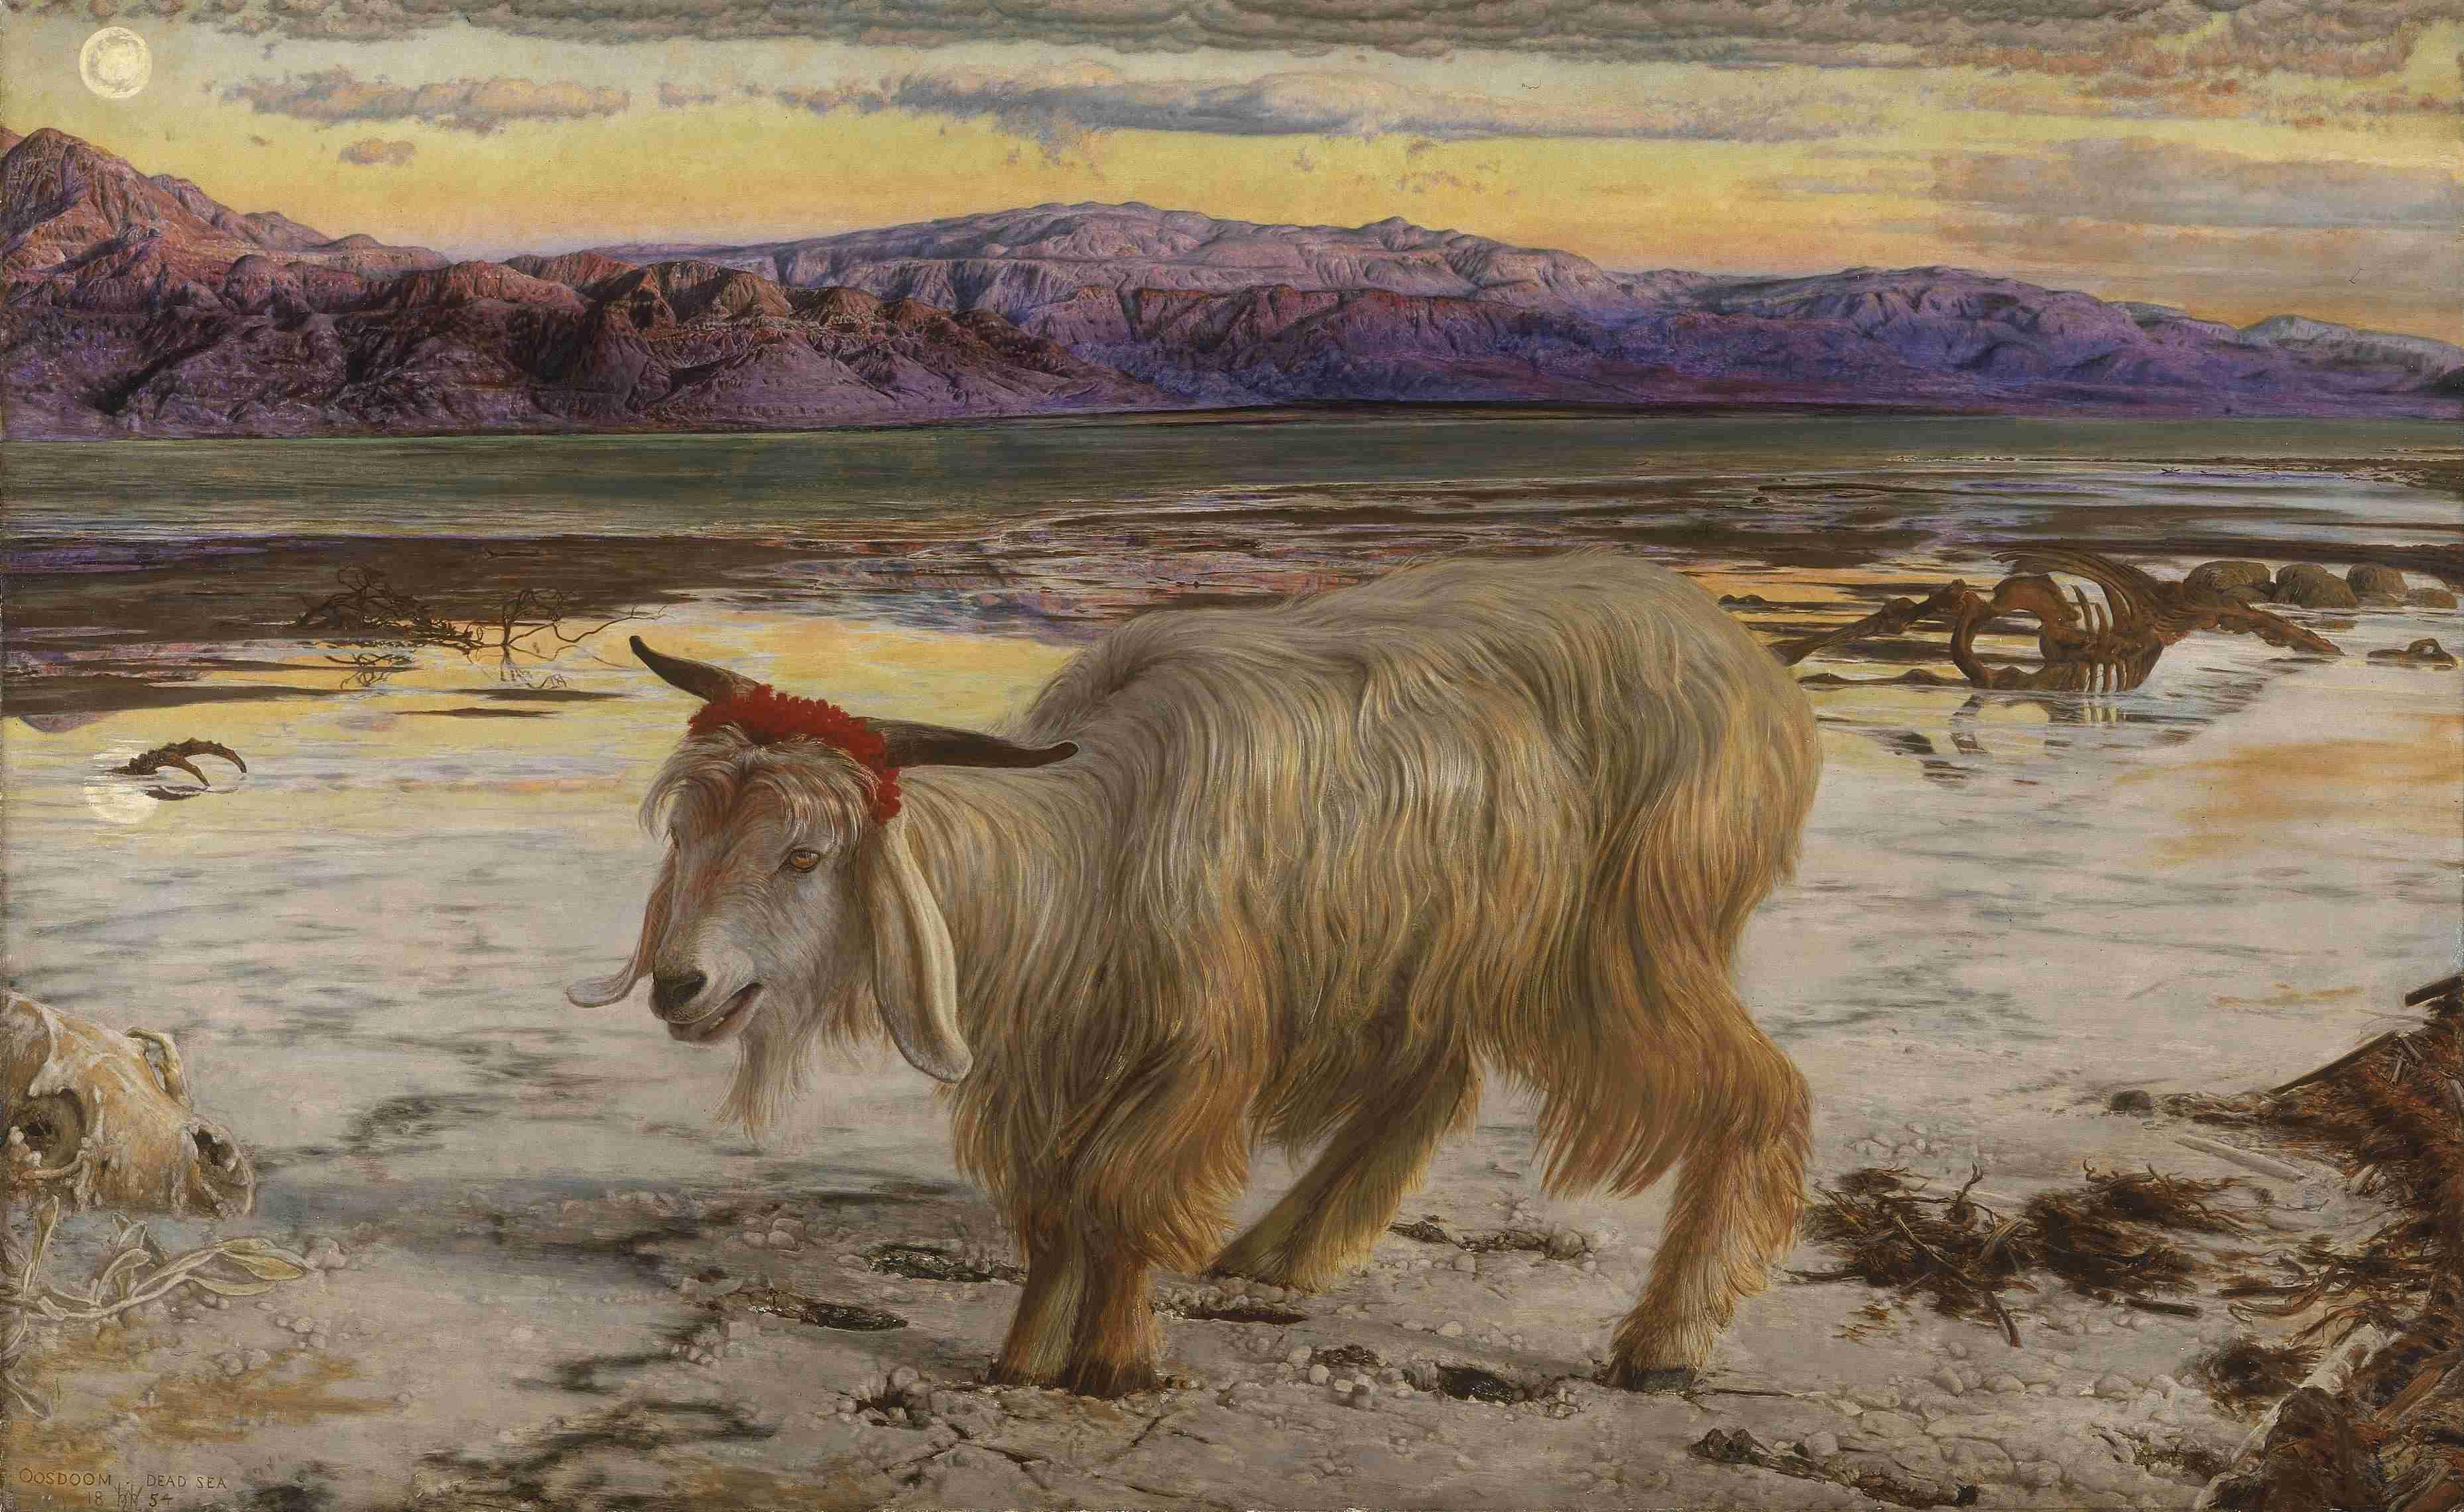 козел битстарз